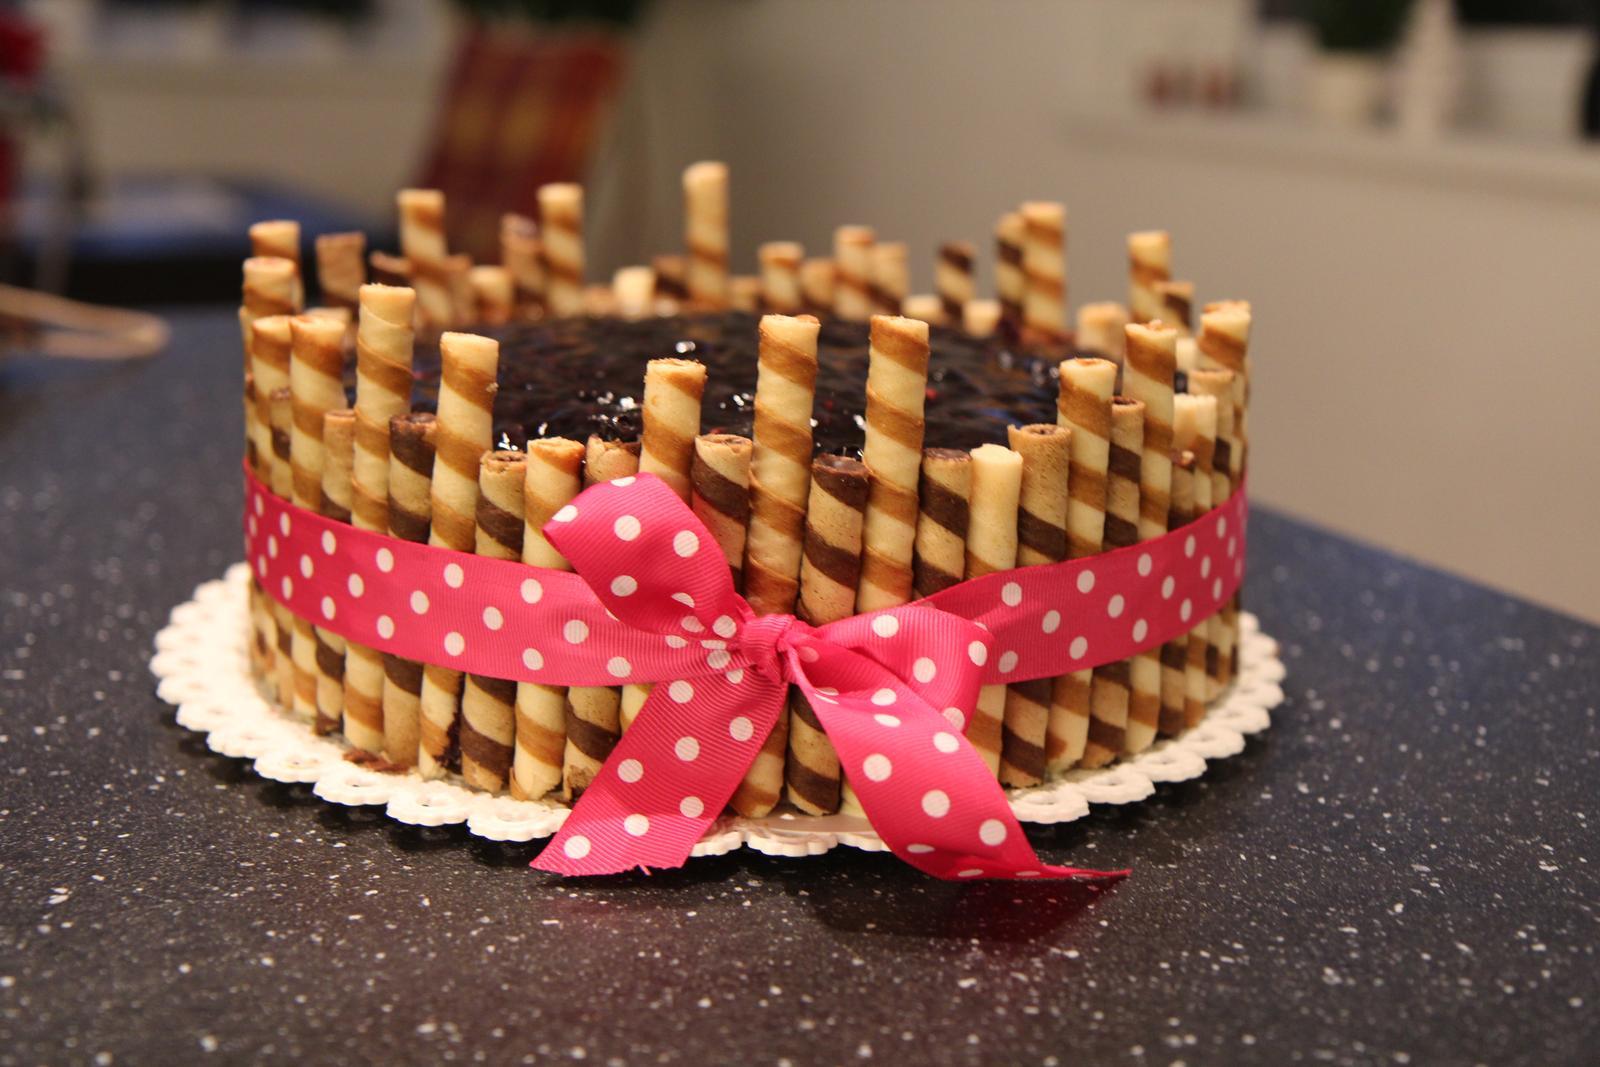 Tak jde čas aneb jak si stavíme sen :-) - Dnes nás čeká oslava svátku naší Kačenky a jelikož jsme v létě nestihli oslavu narozenin s dortem, dostane ho na svátek :-D